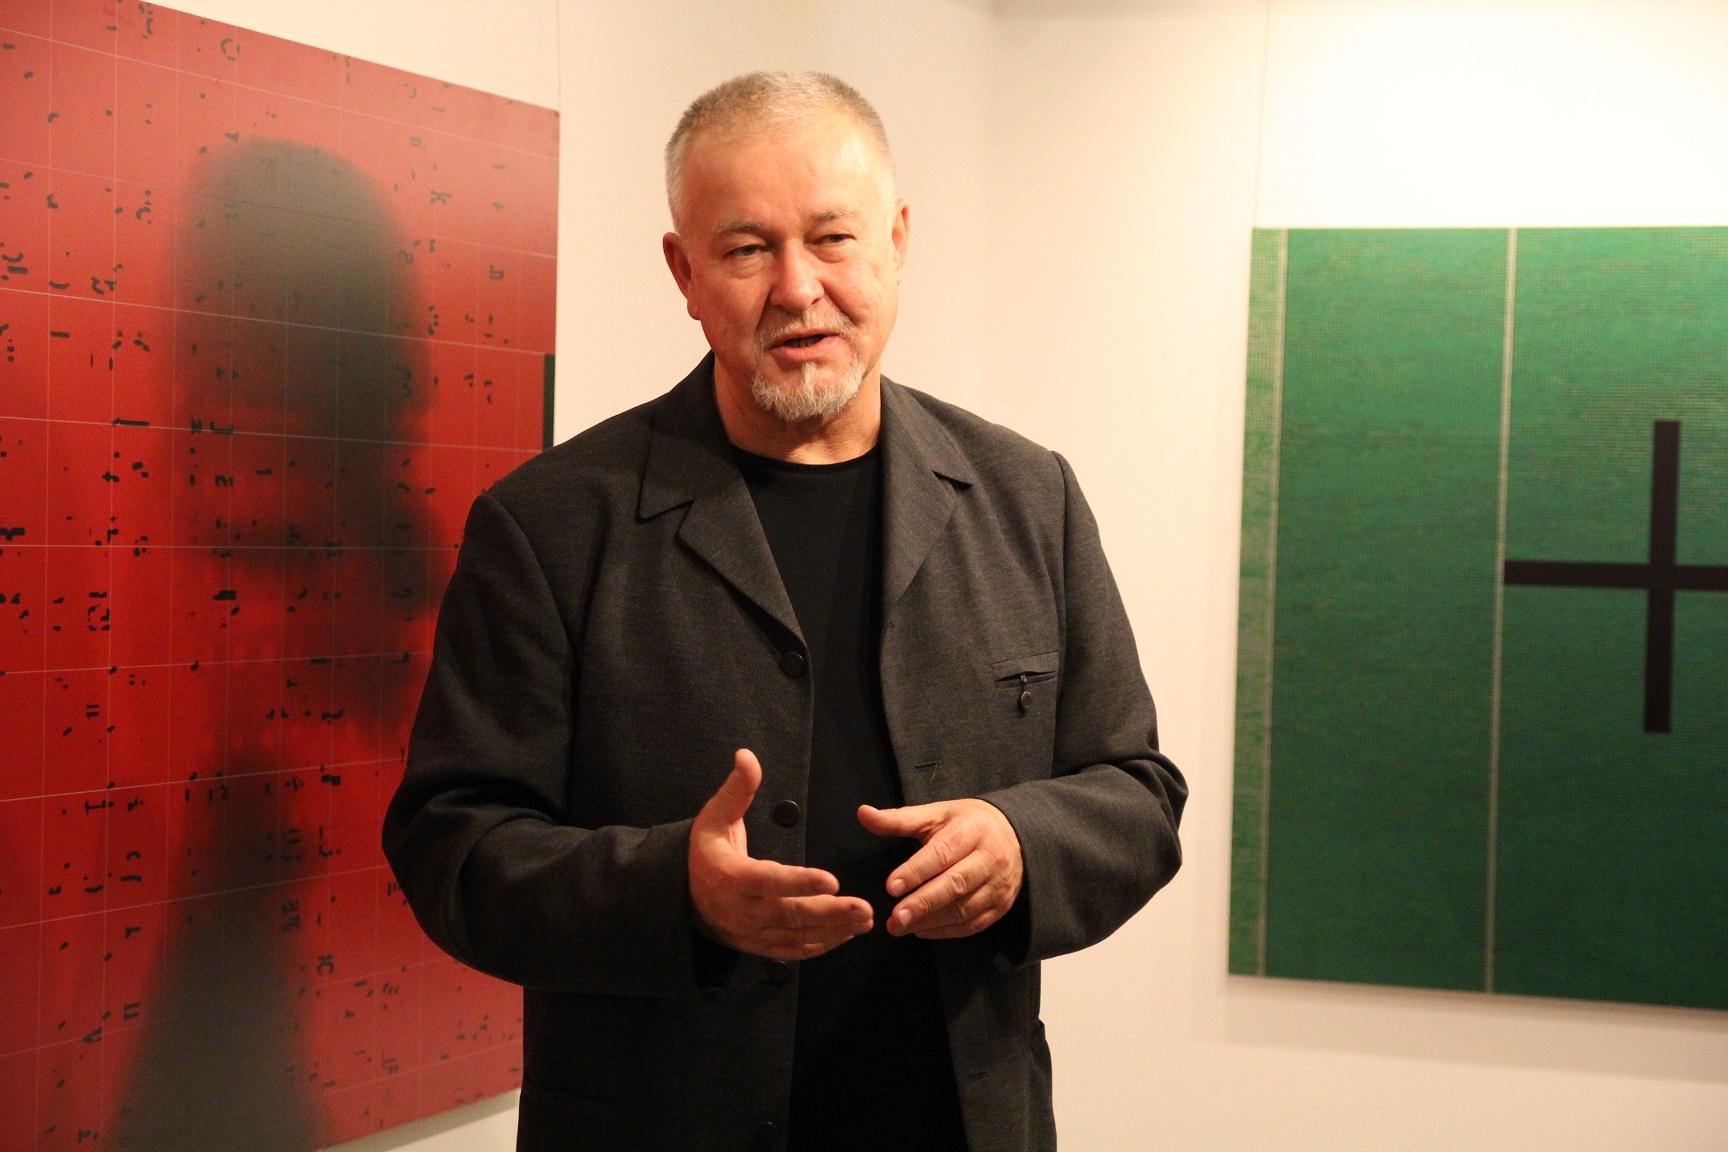 """Mirosław Pawłowski. Wernisaż wystawy """"Mirosław Pawłowski. Kamuflaż"""", listopad 2012."""